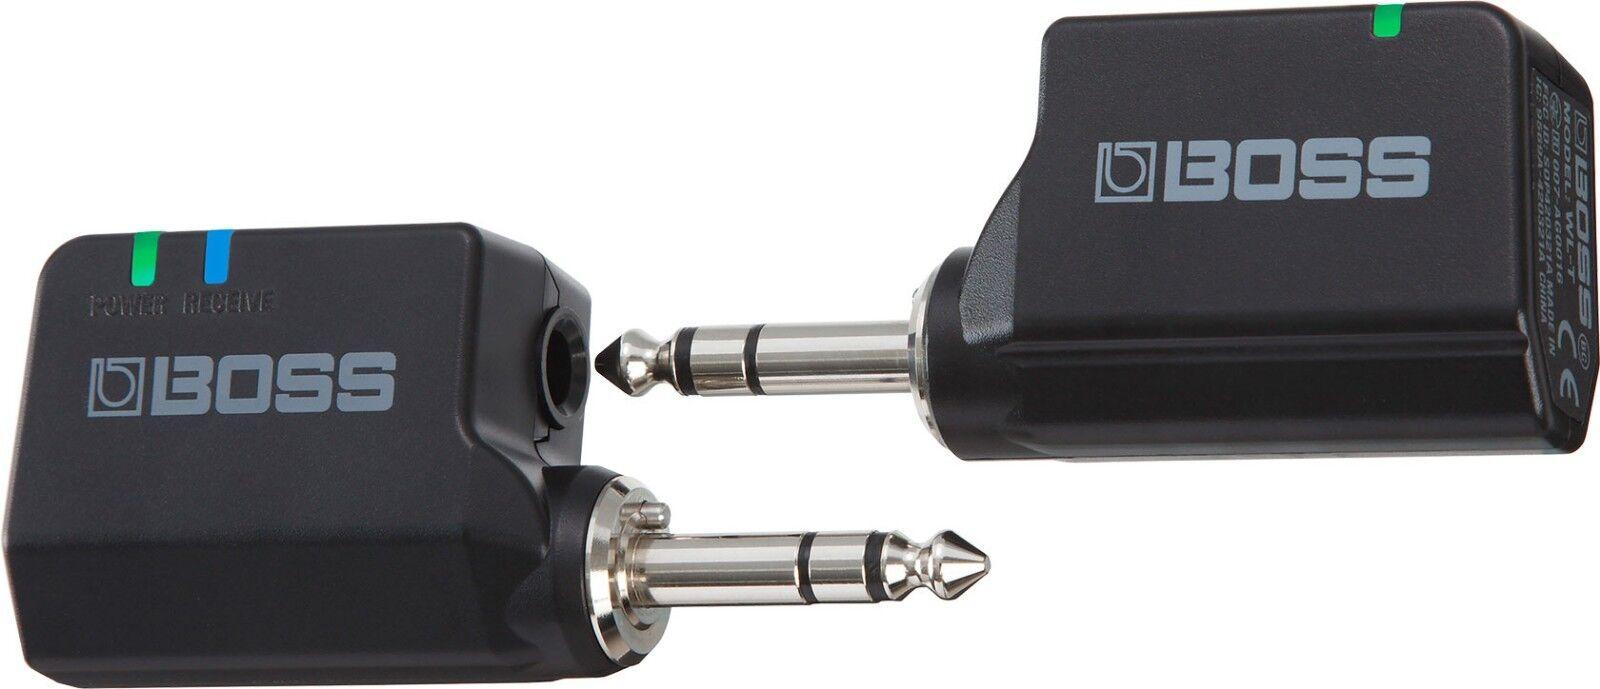 Nuevo jefe WL-20 WL-20 WL-20 compacto sistema inalámbrico para instrumentos de música 45a905